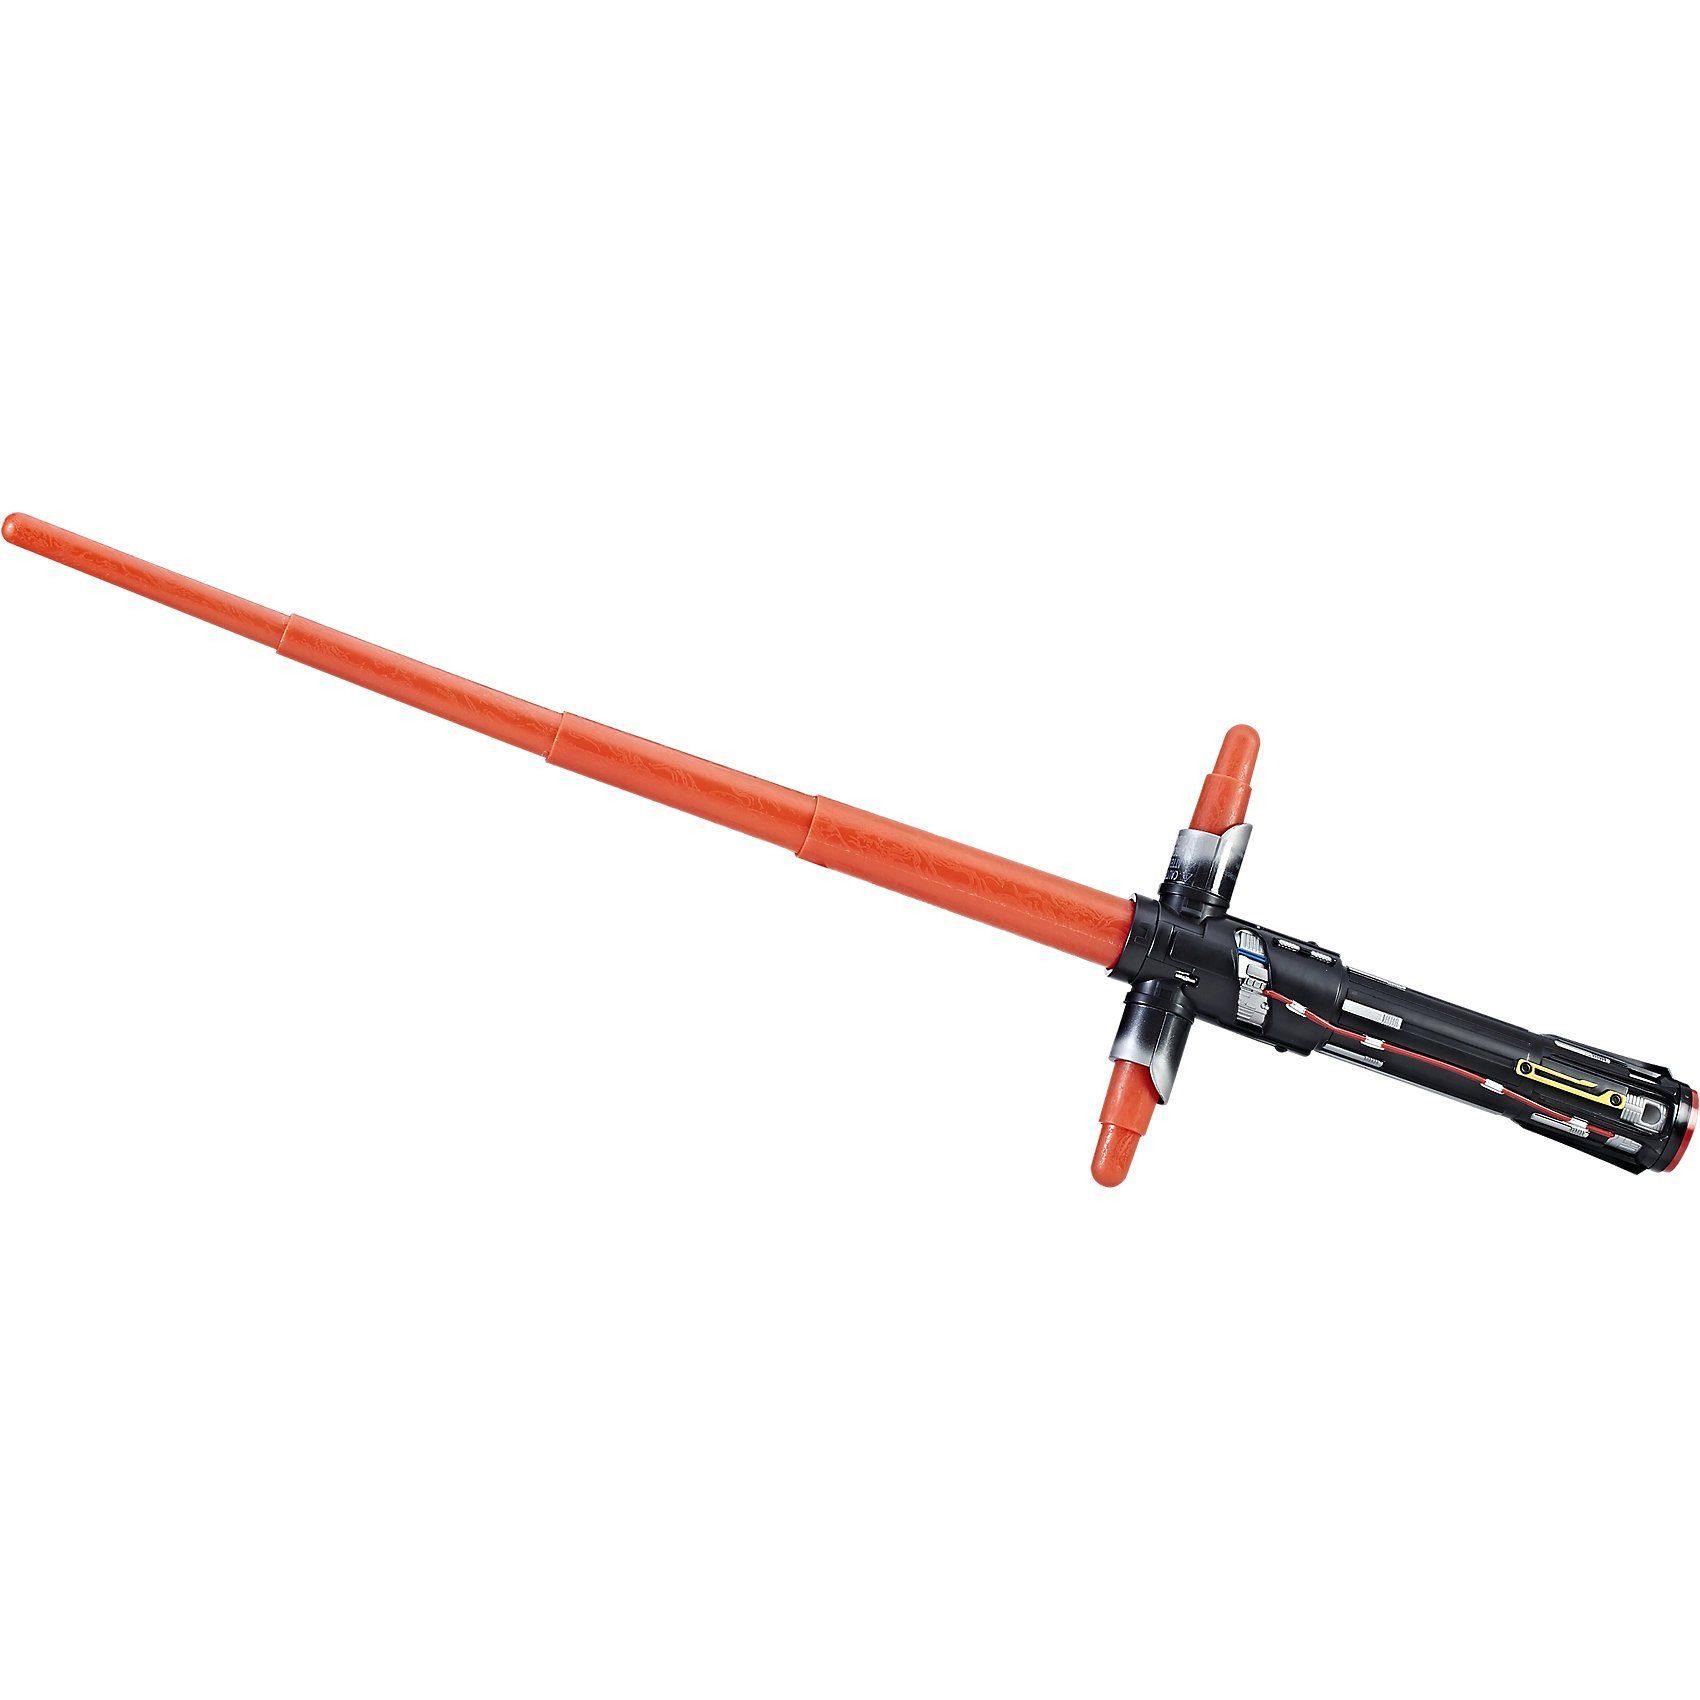 Hasbro Star Wars Episode 8 Kylo Ren Basislichtschwert (ohne Leuchtf